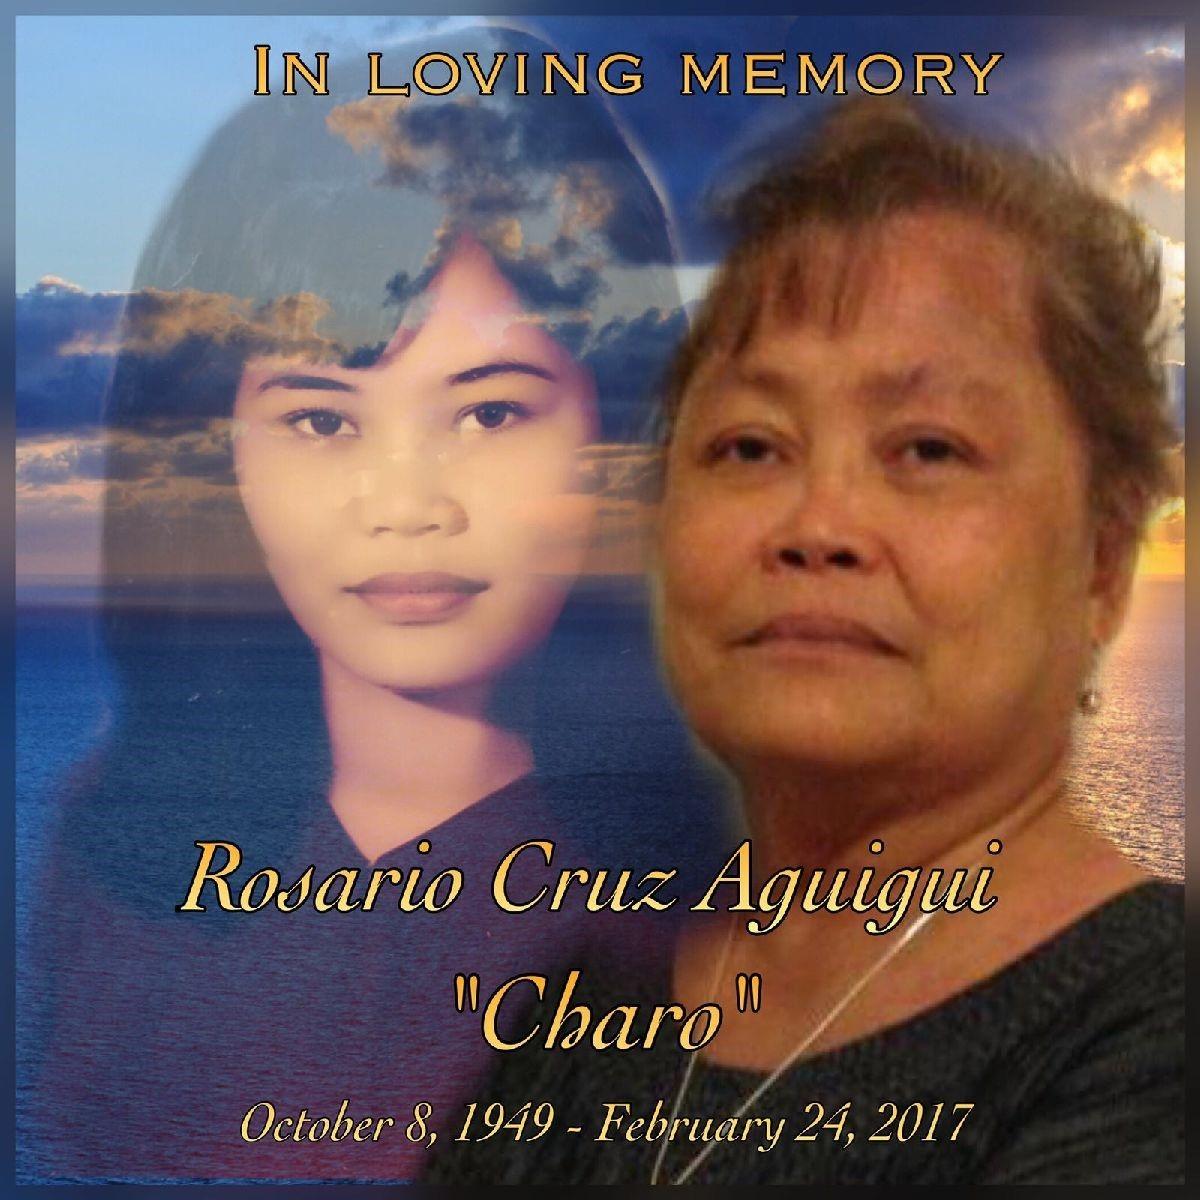 Rosario Cruz Aguigui